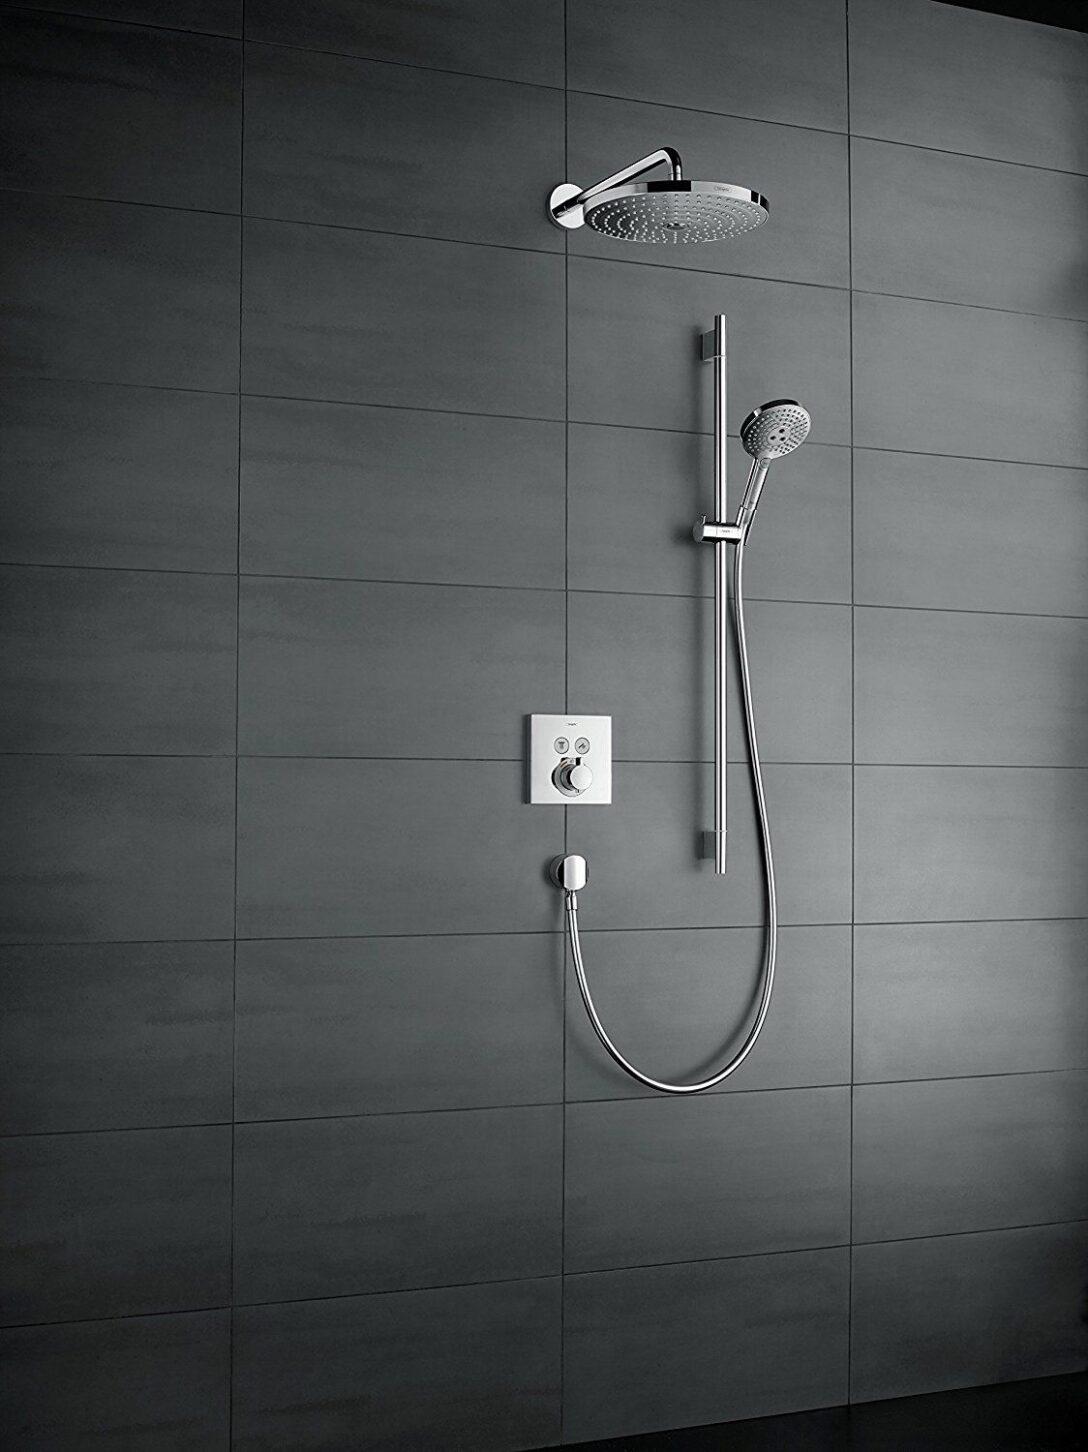 Large Size of Unterputz Armatur Dusche Grohe Thermostat Behindertengerechte Breuer Duschen Schulte Werksverkauf Einhebelmischer Bad Armaturen Bodengleiche Fliesen Pendeltür Dusche Unterputz Armatur Dusche